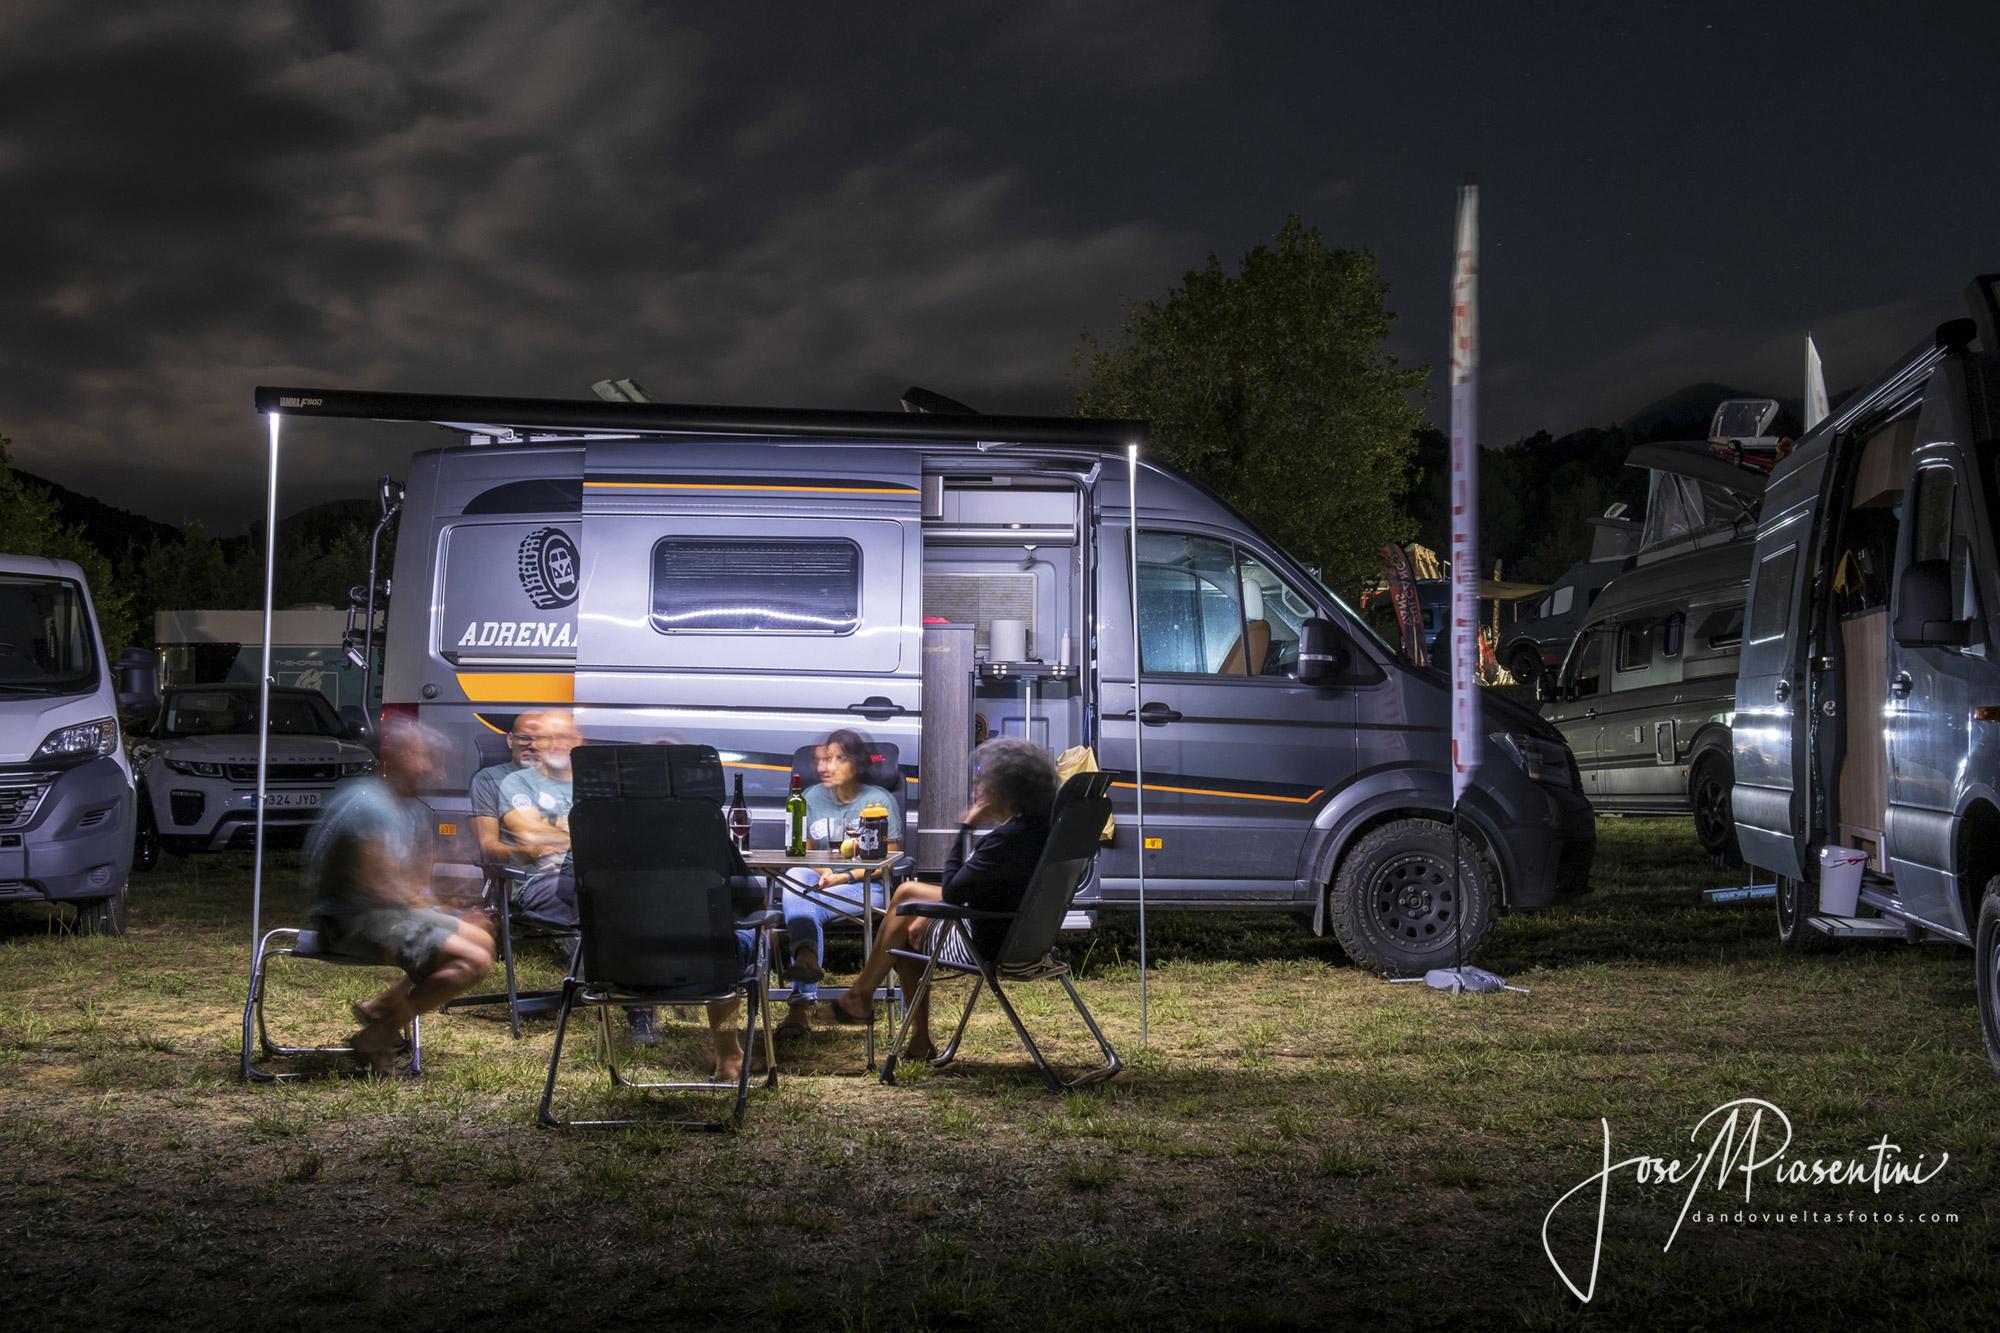 Camper Cas camperizaciones